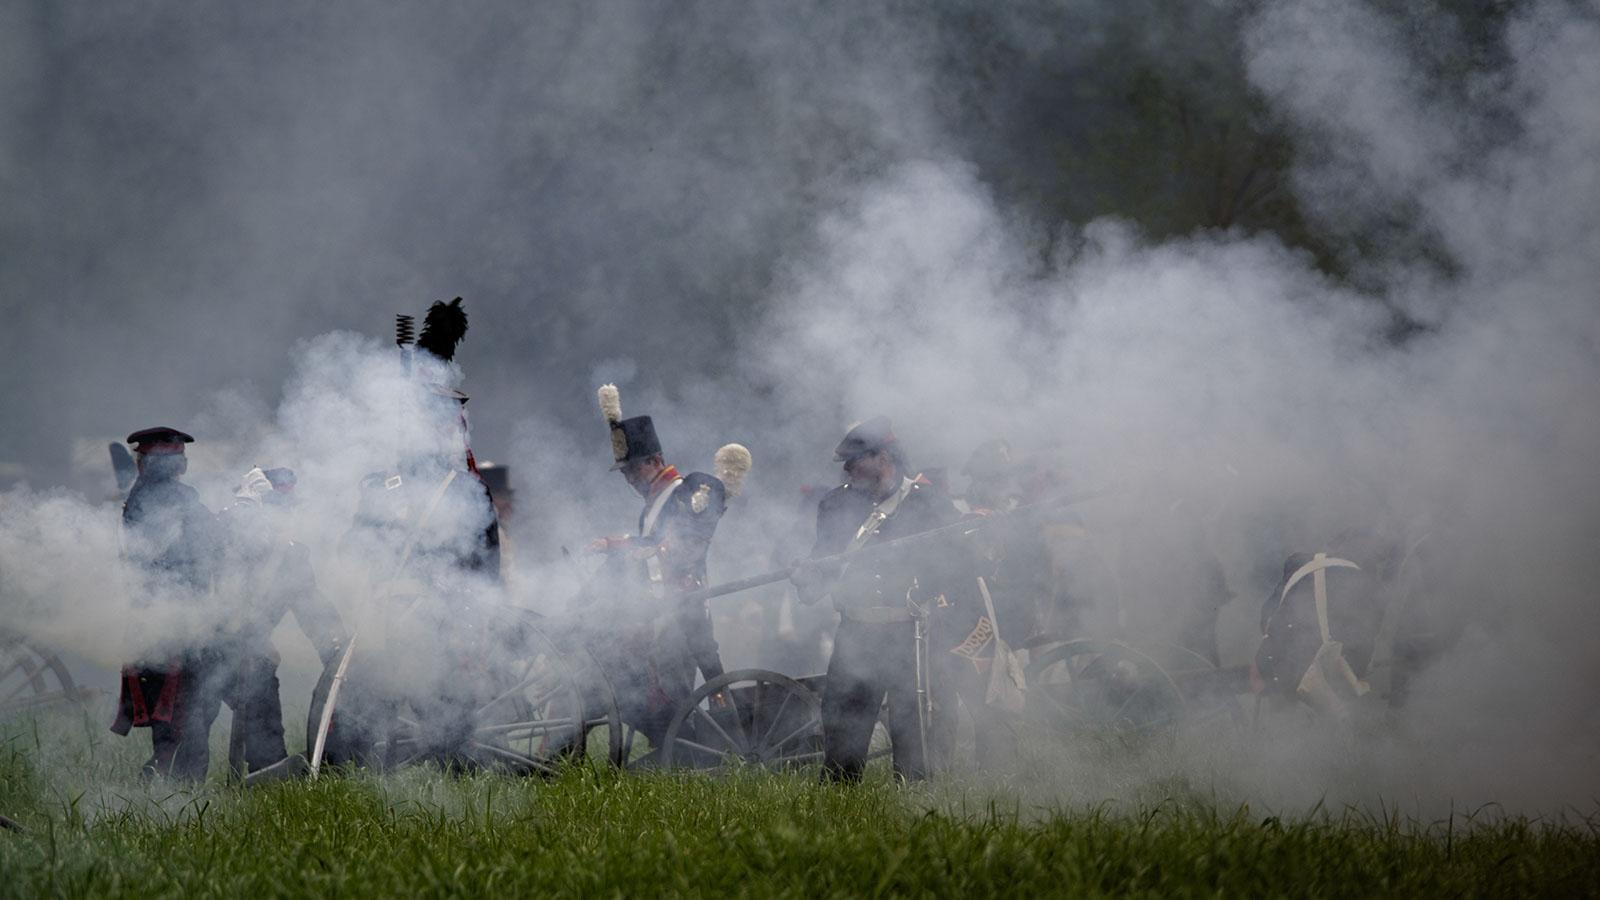 De slag van Hoogstraten, mei 2014